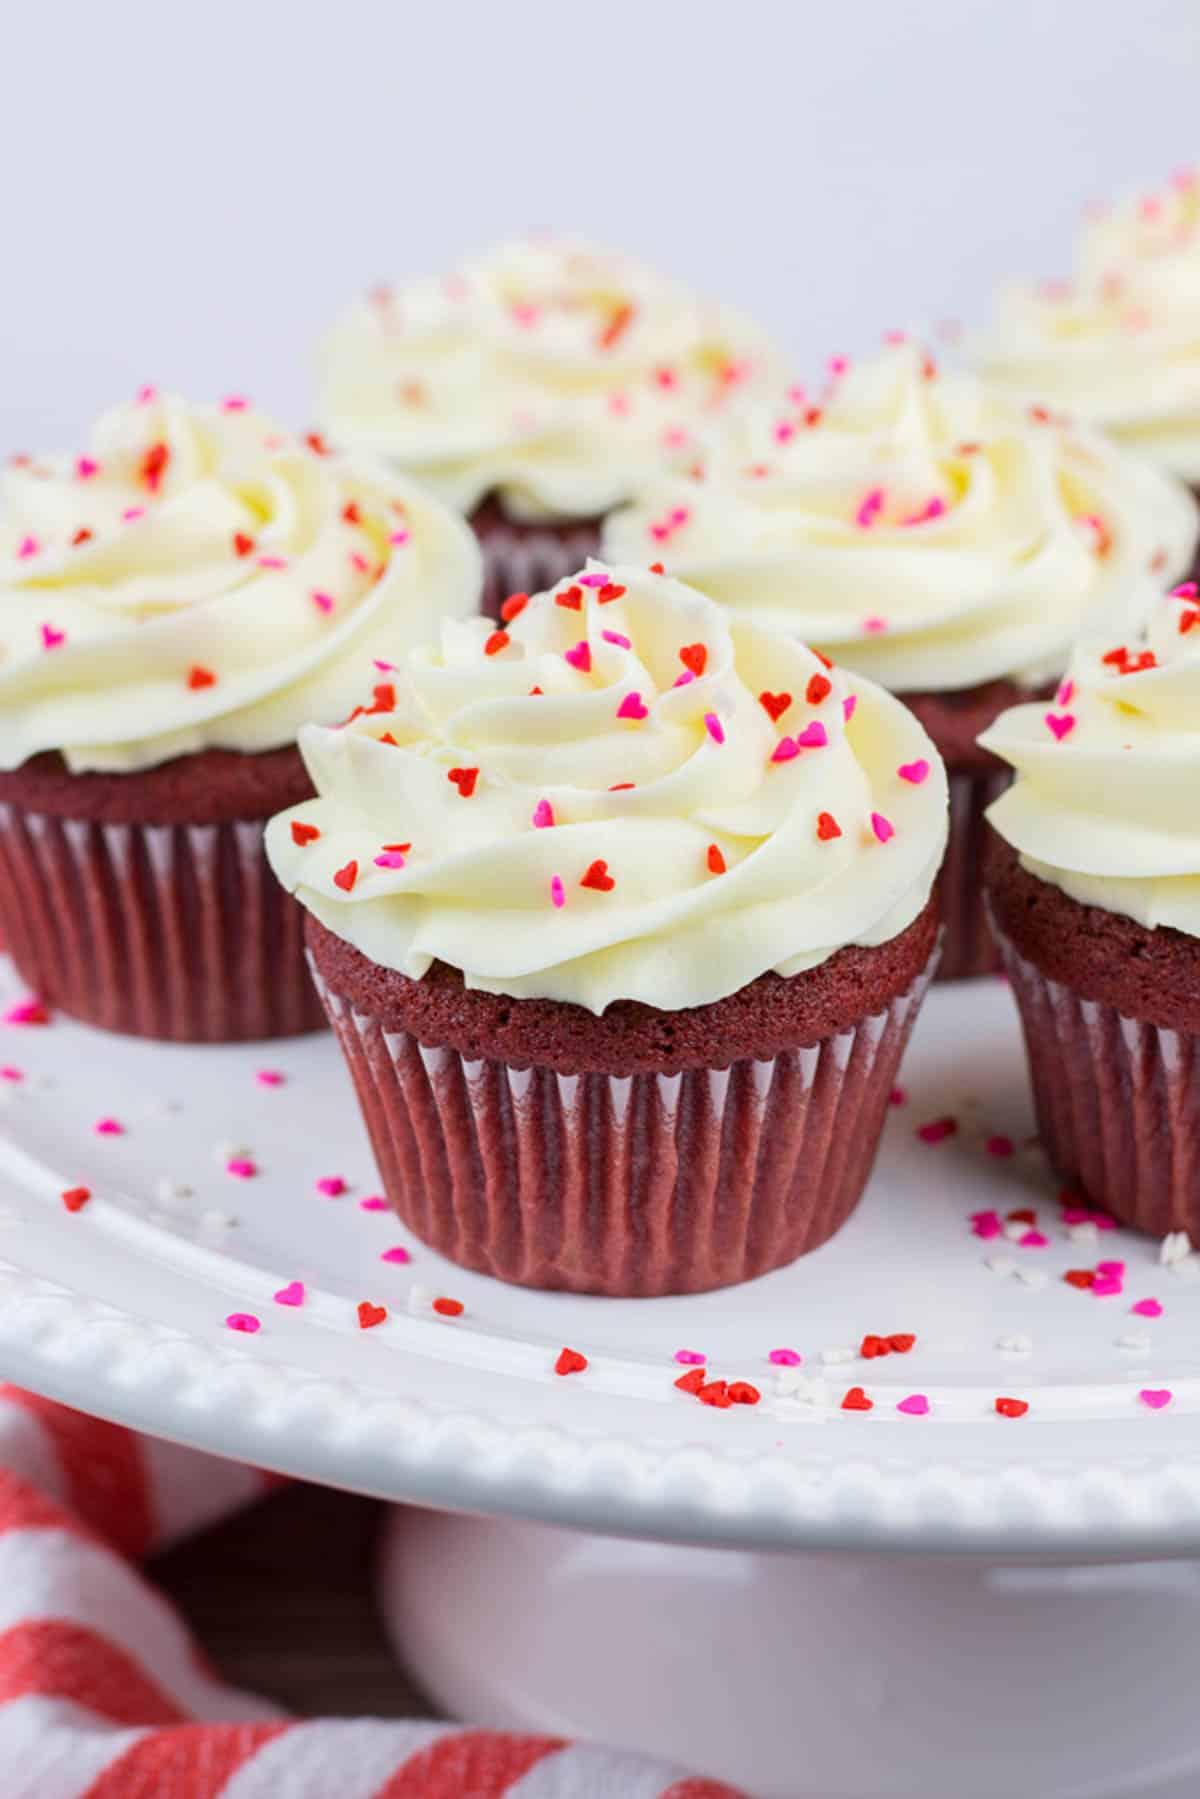 Red Velvet Cucakes topped with heart shaped sprinkles on a cake platter.